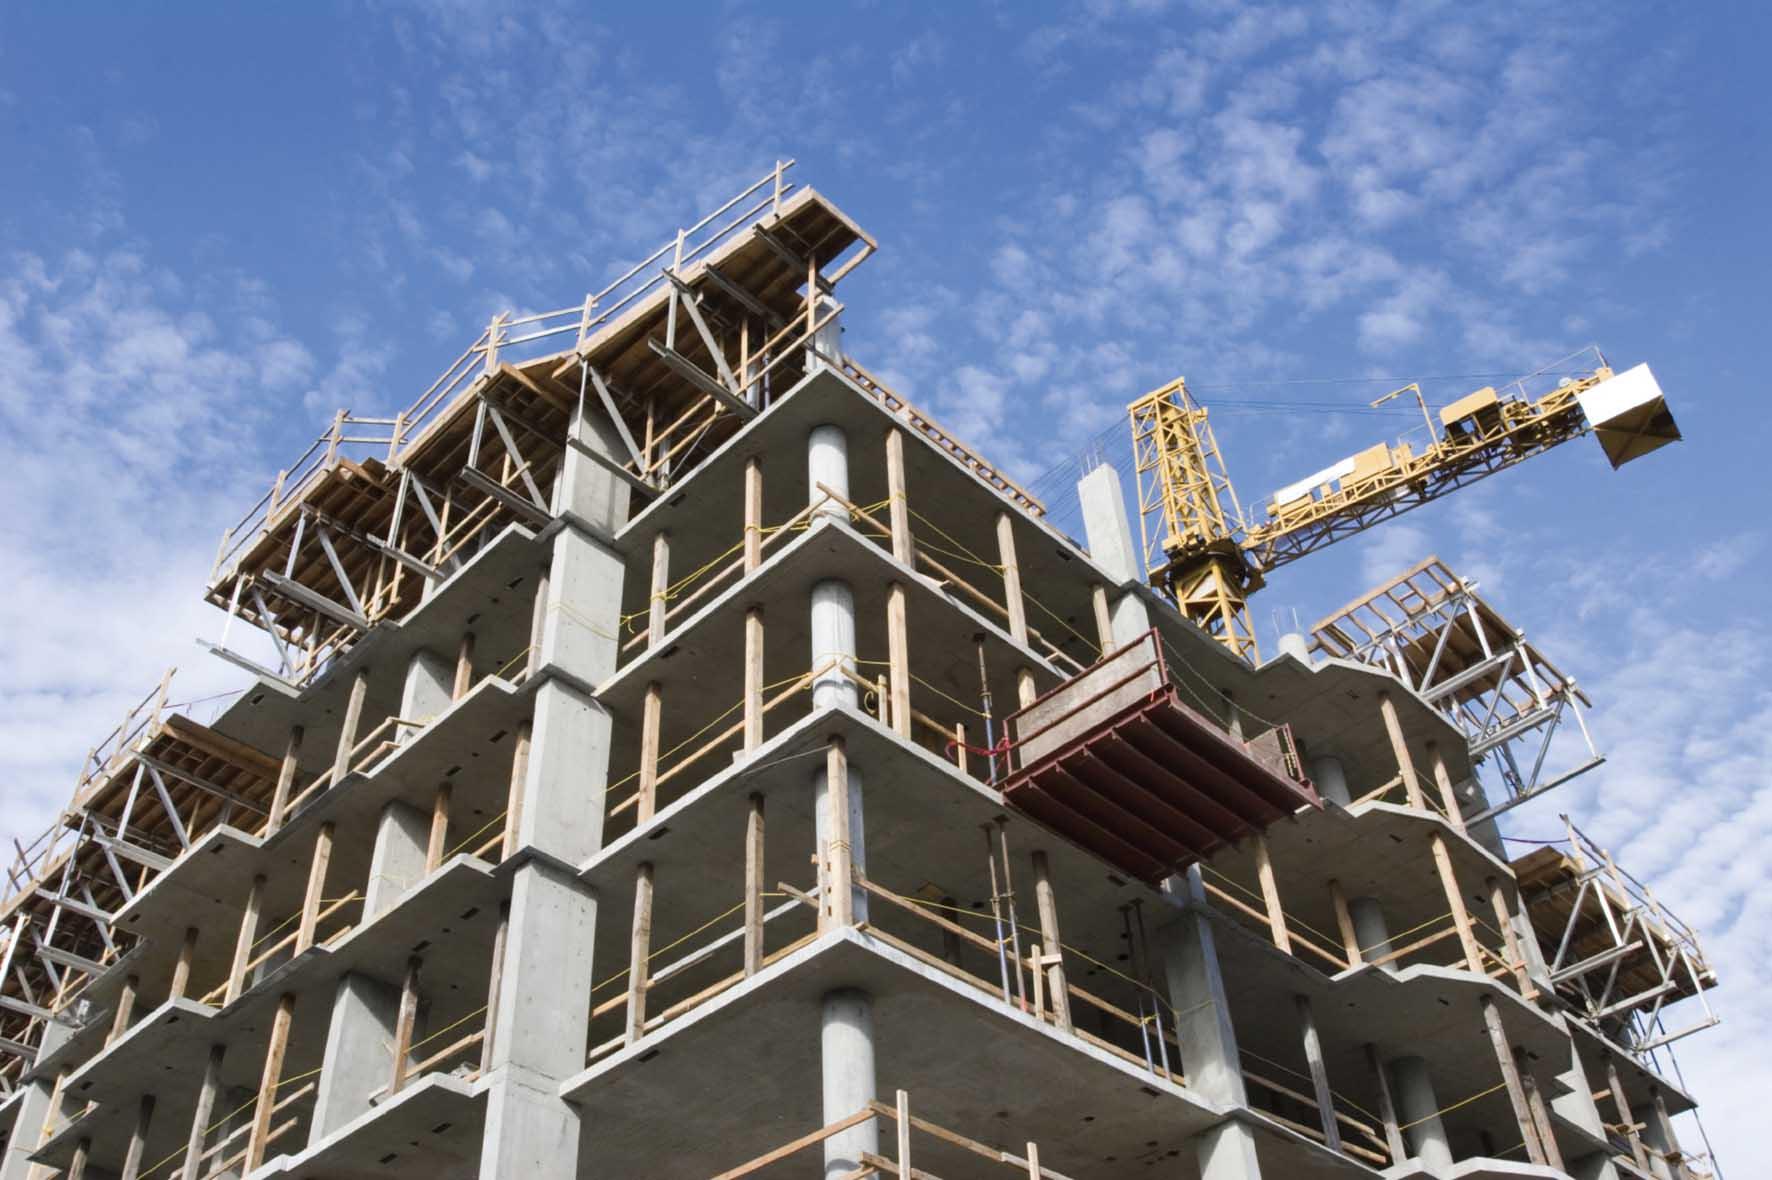 casa palazzo in costruzione cemento armato